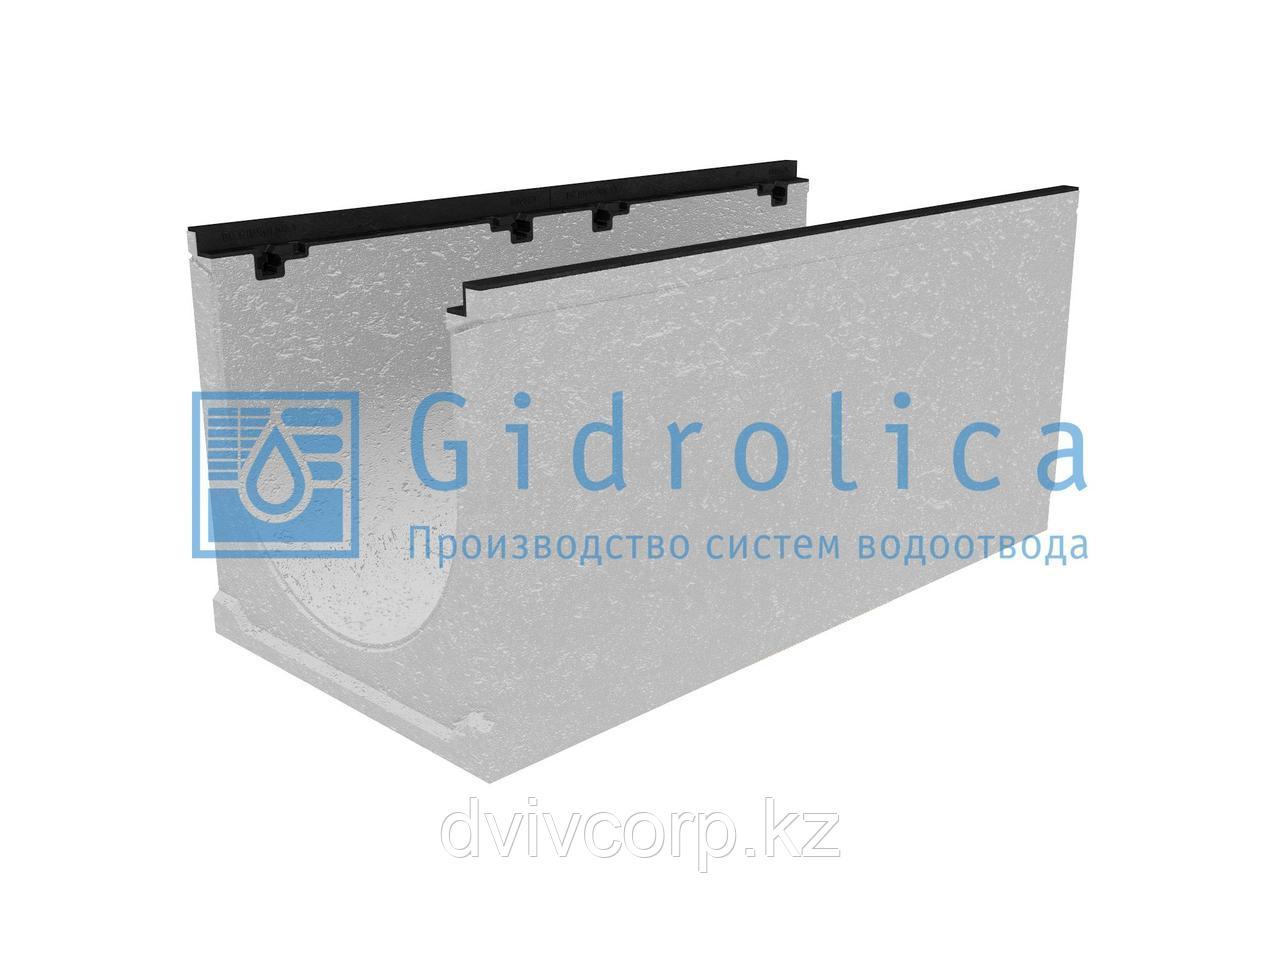 Лоток водоотводный бетонный коробчатый (СО-400мм), с чугунной насадкой, с уклоном 0,5%КUу 100.49,9 (40).49(42)